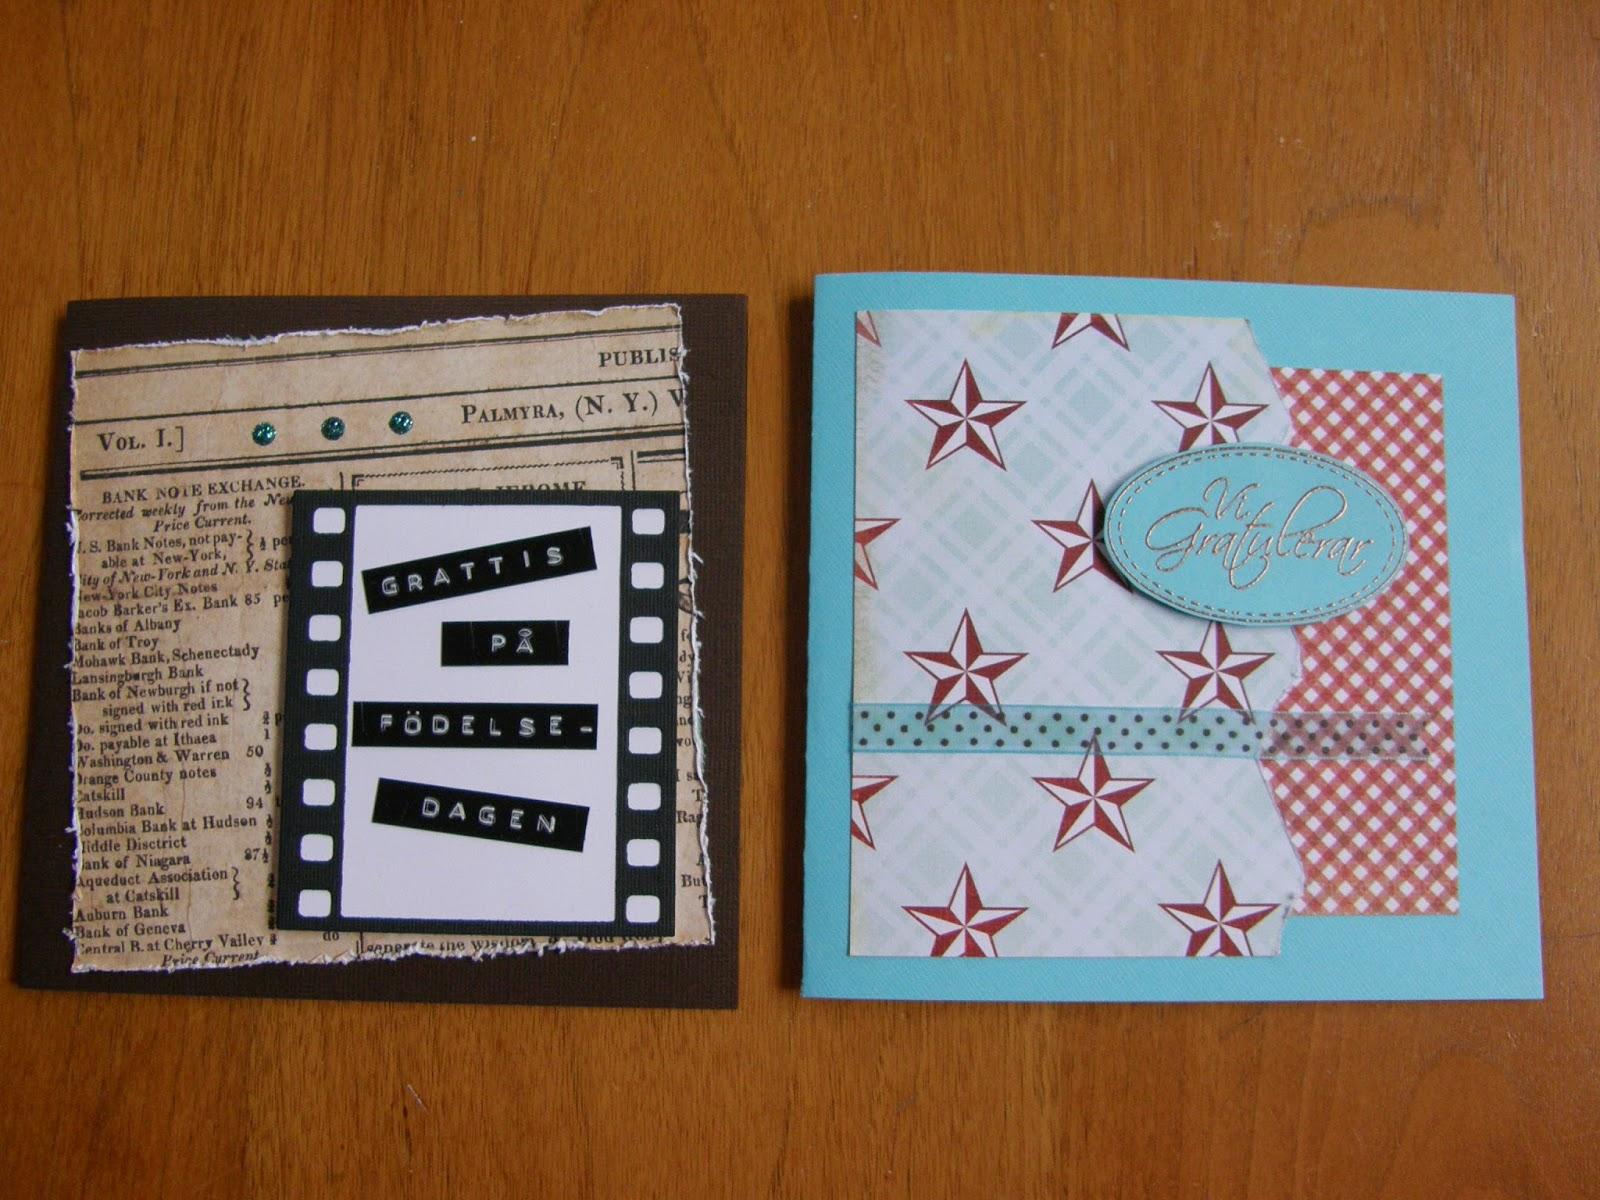 göra egna grattiskort BM FORM OCH PYSSEL: Födelsedagskort göra egna grattiskort